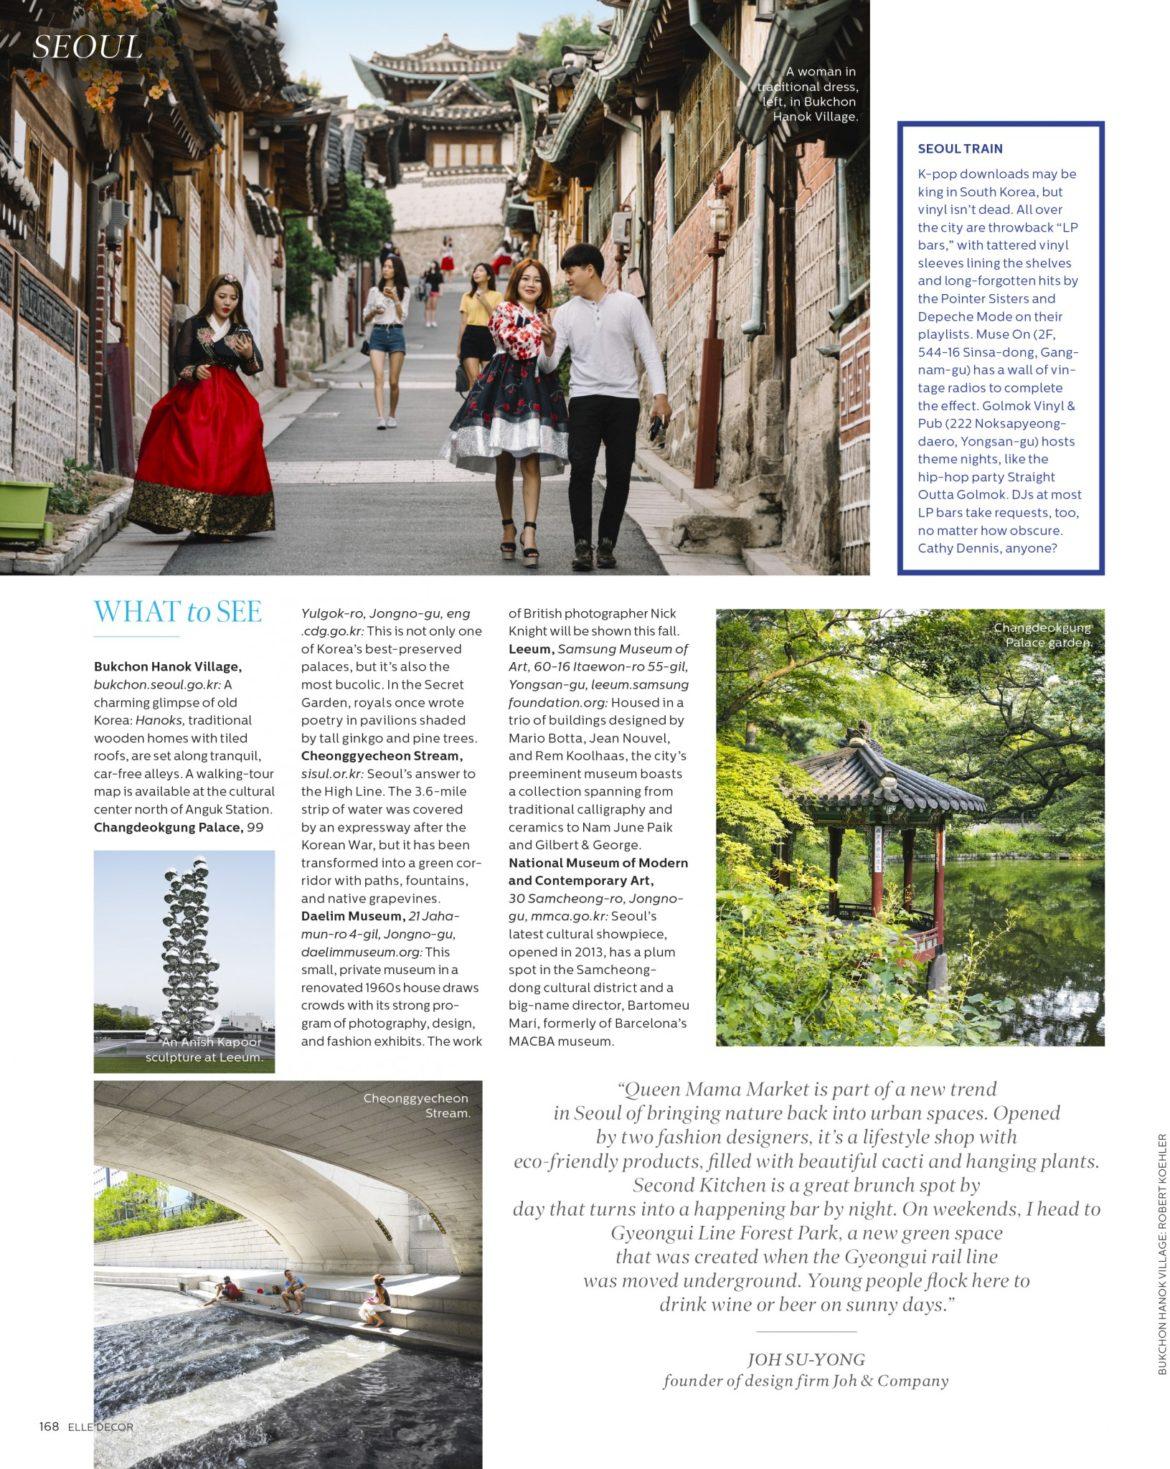 Seoul Touristic Place